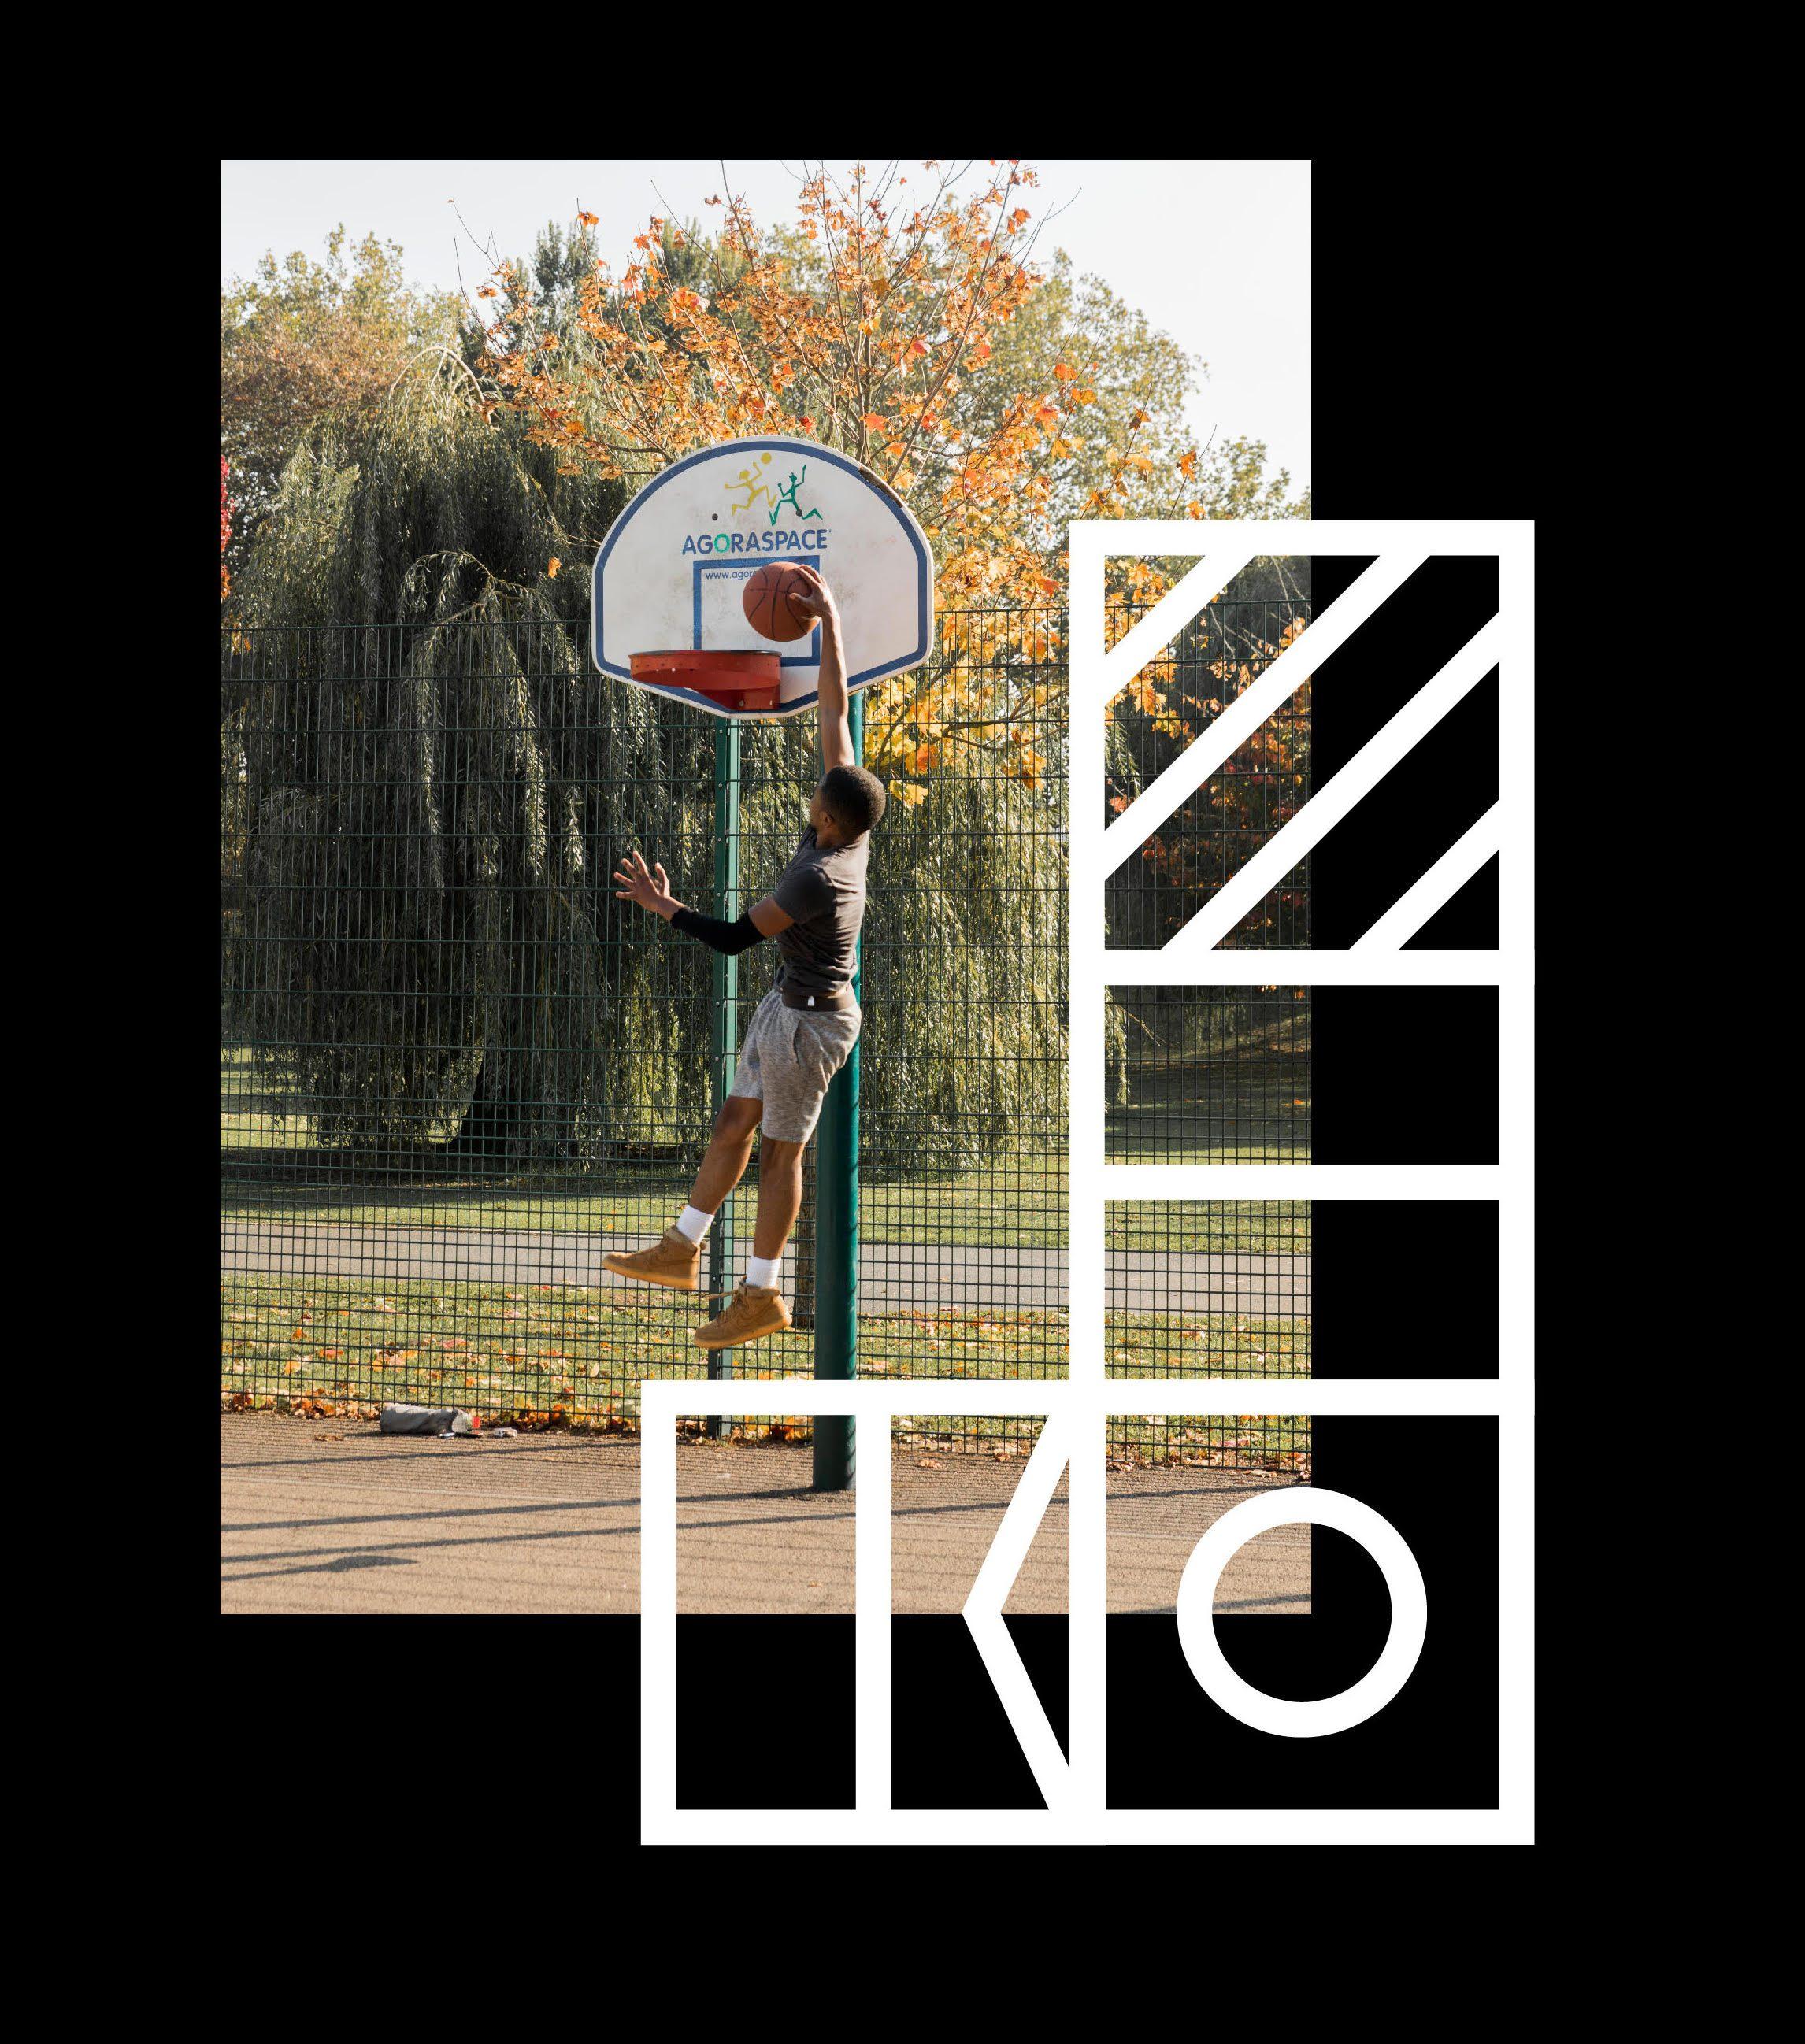 Royal Docks branding with image of young man playing basketball